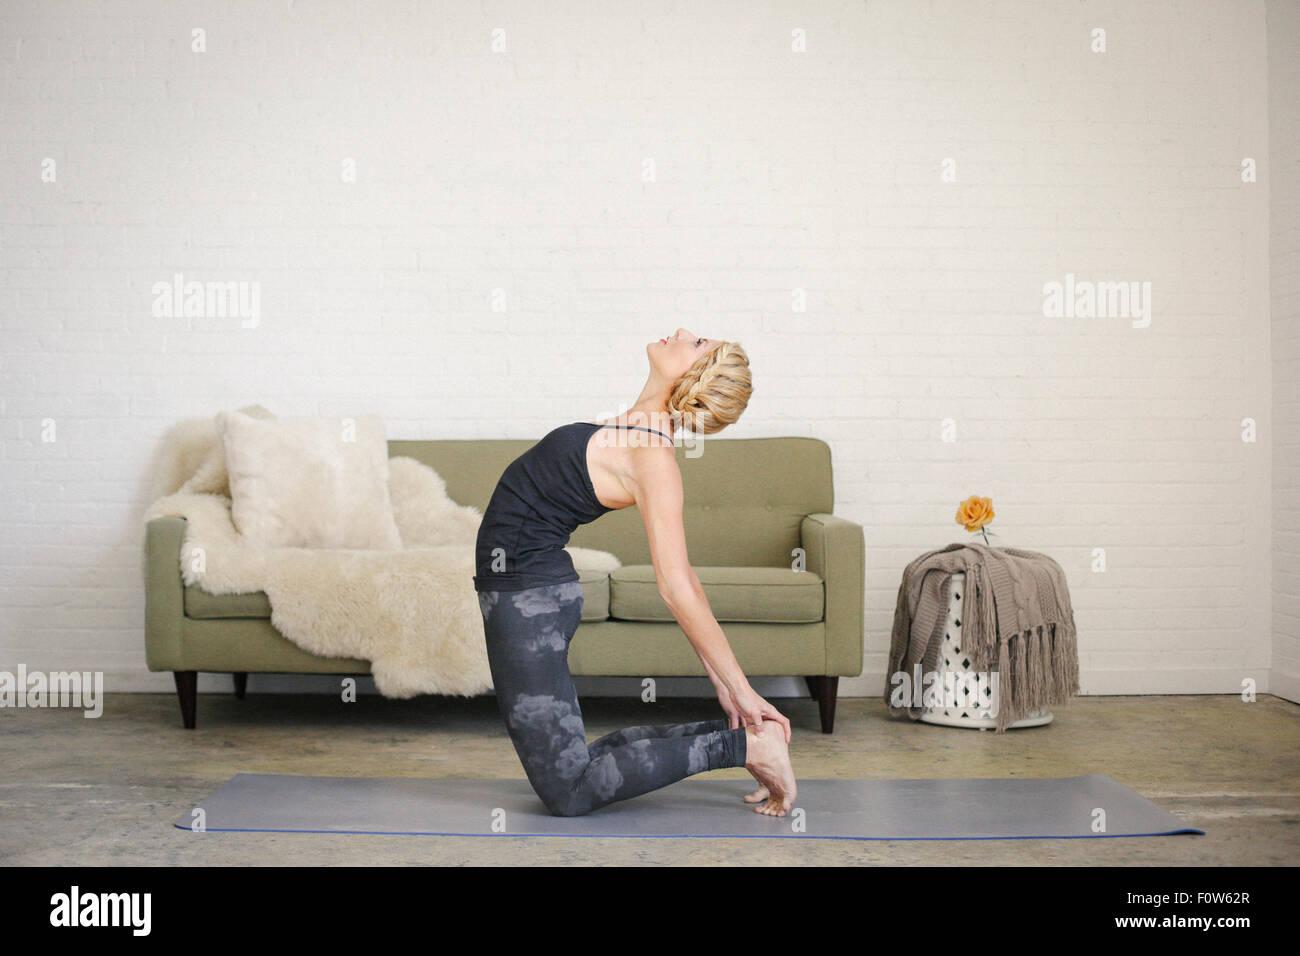 eine blonde frau kniend auf eine yoga matte in einem raum. Black Bedroom Furniture Sets. Home Design Ideas